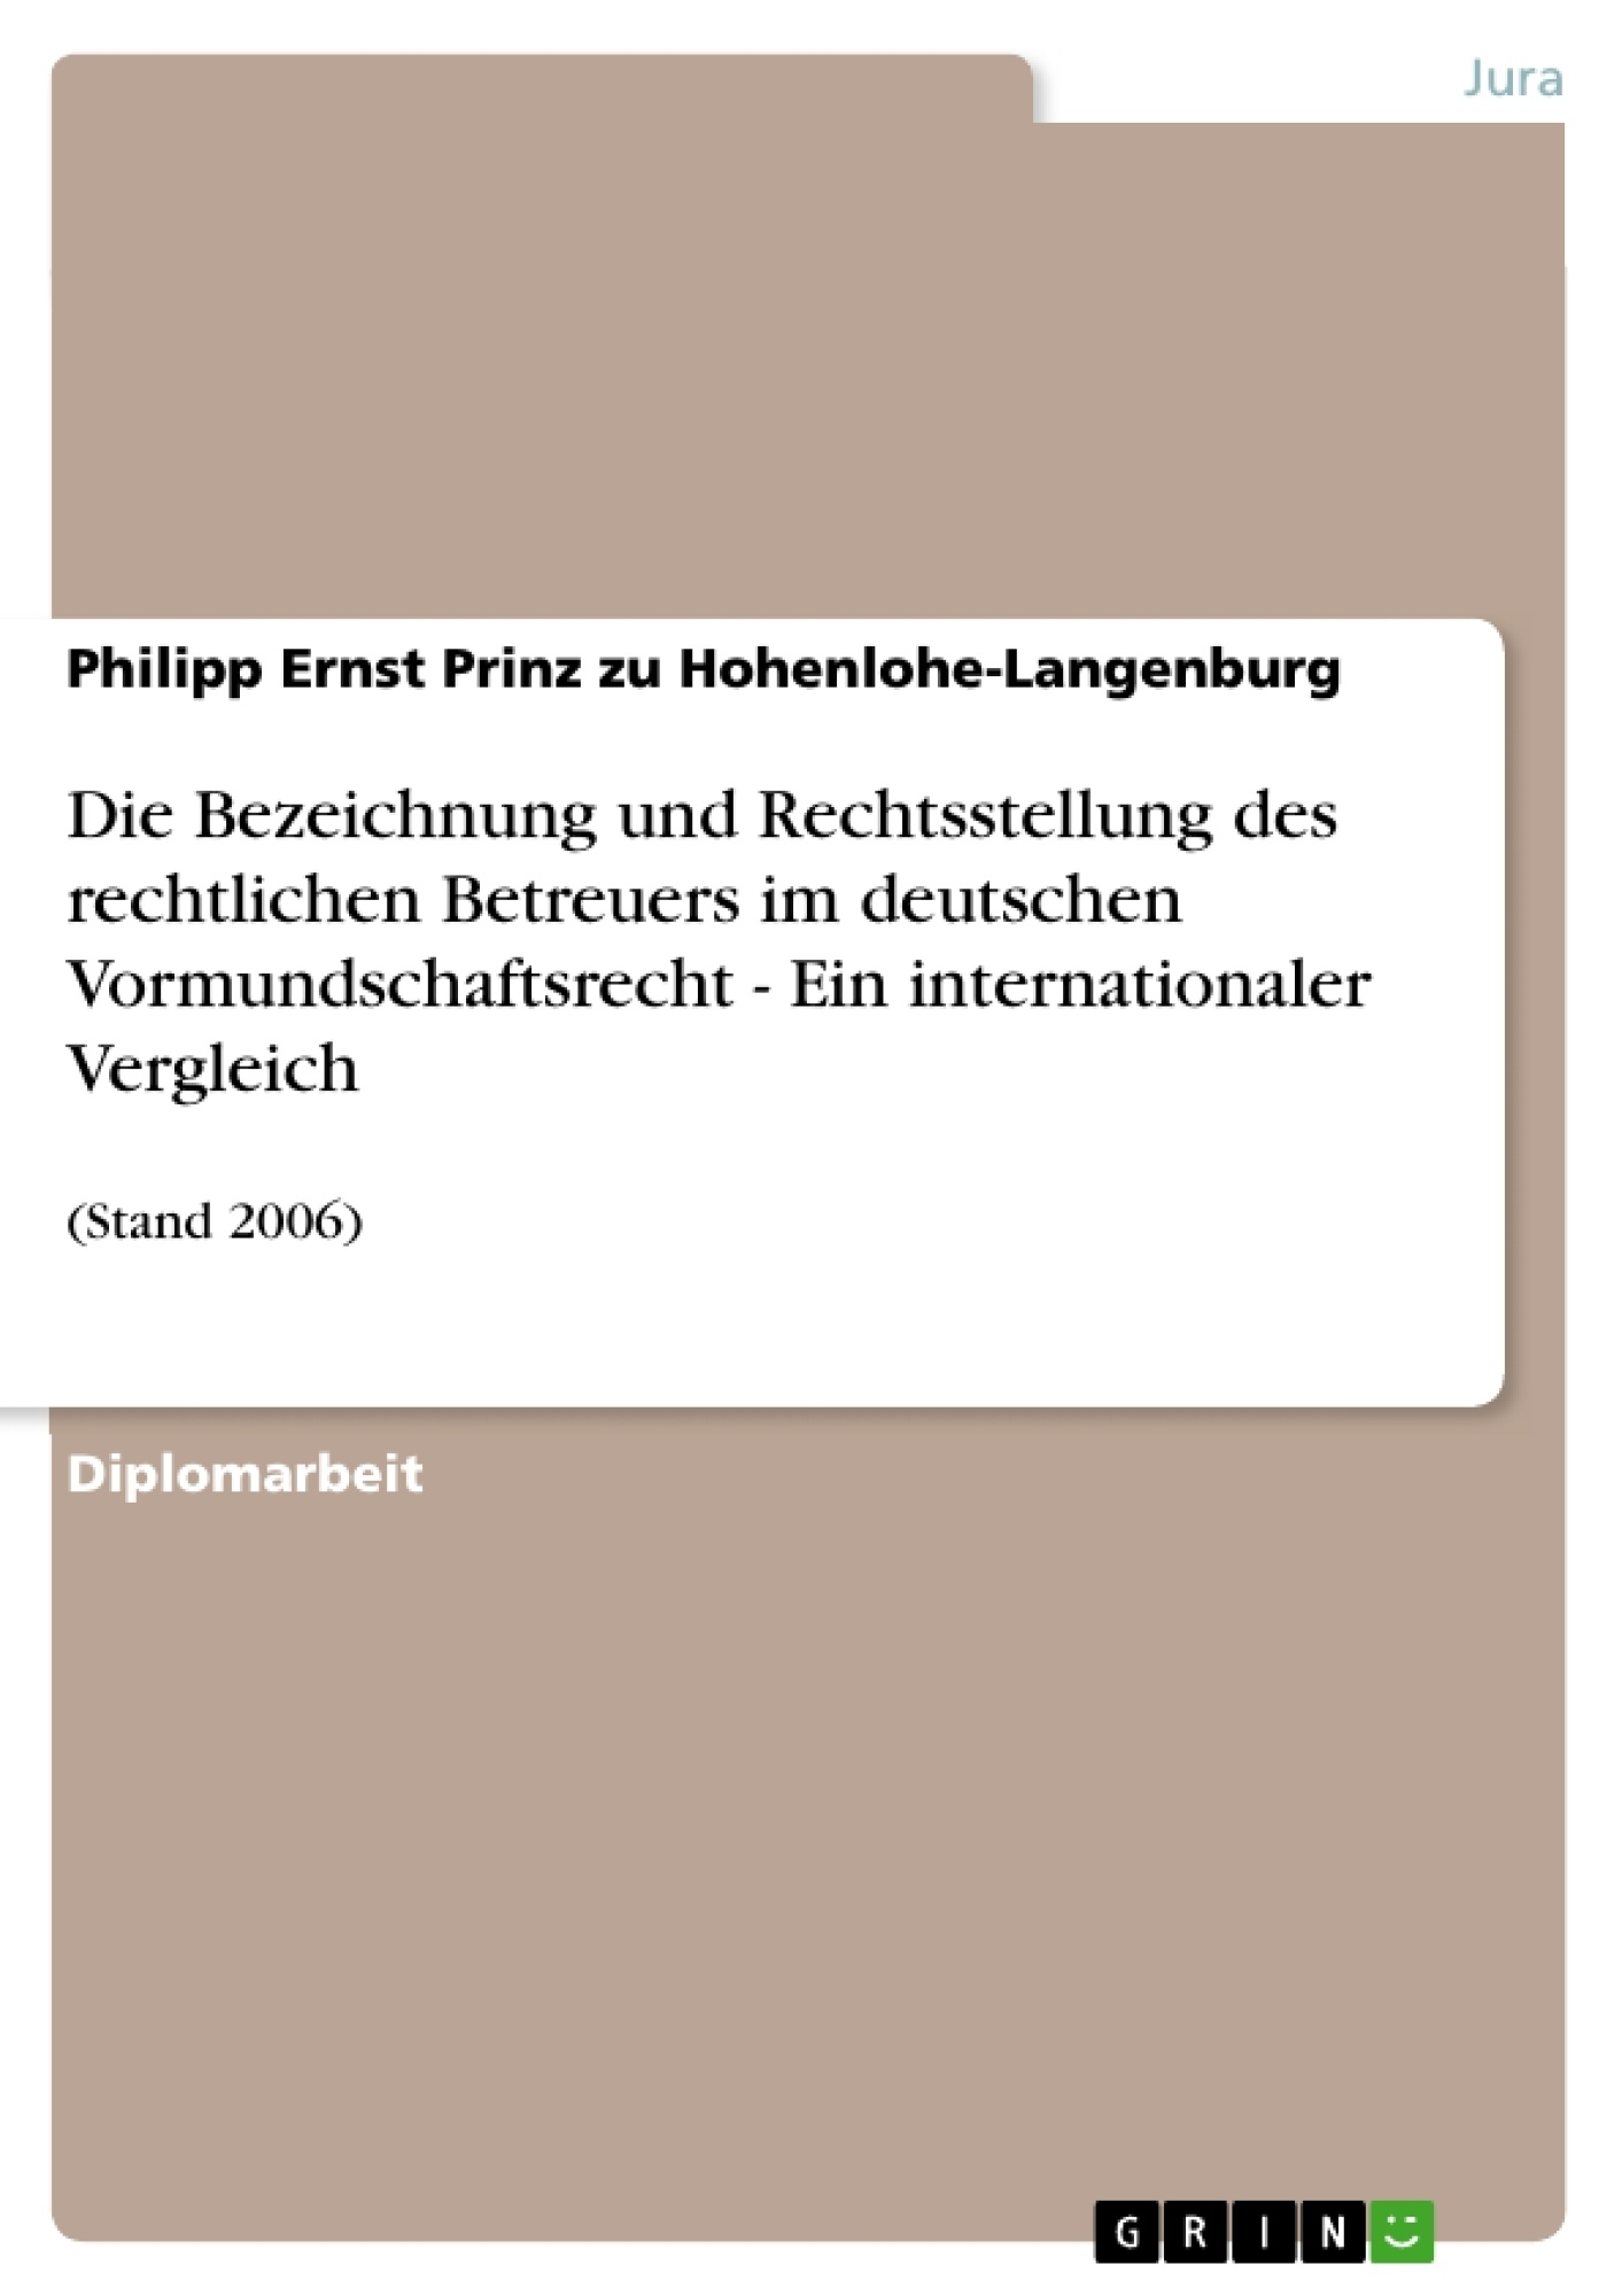 Titel: Die Bezeichnung und Rechtsstellung des rechtlichen Betreuers im deutschen Vormundschaftsrecht - Ein internationaler Vergleich